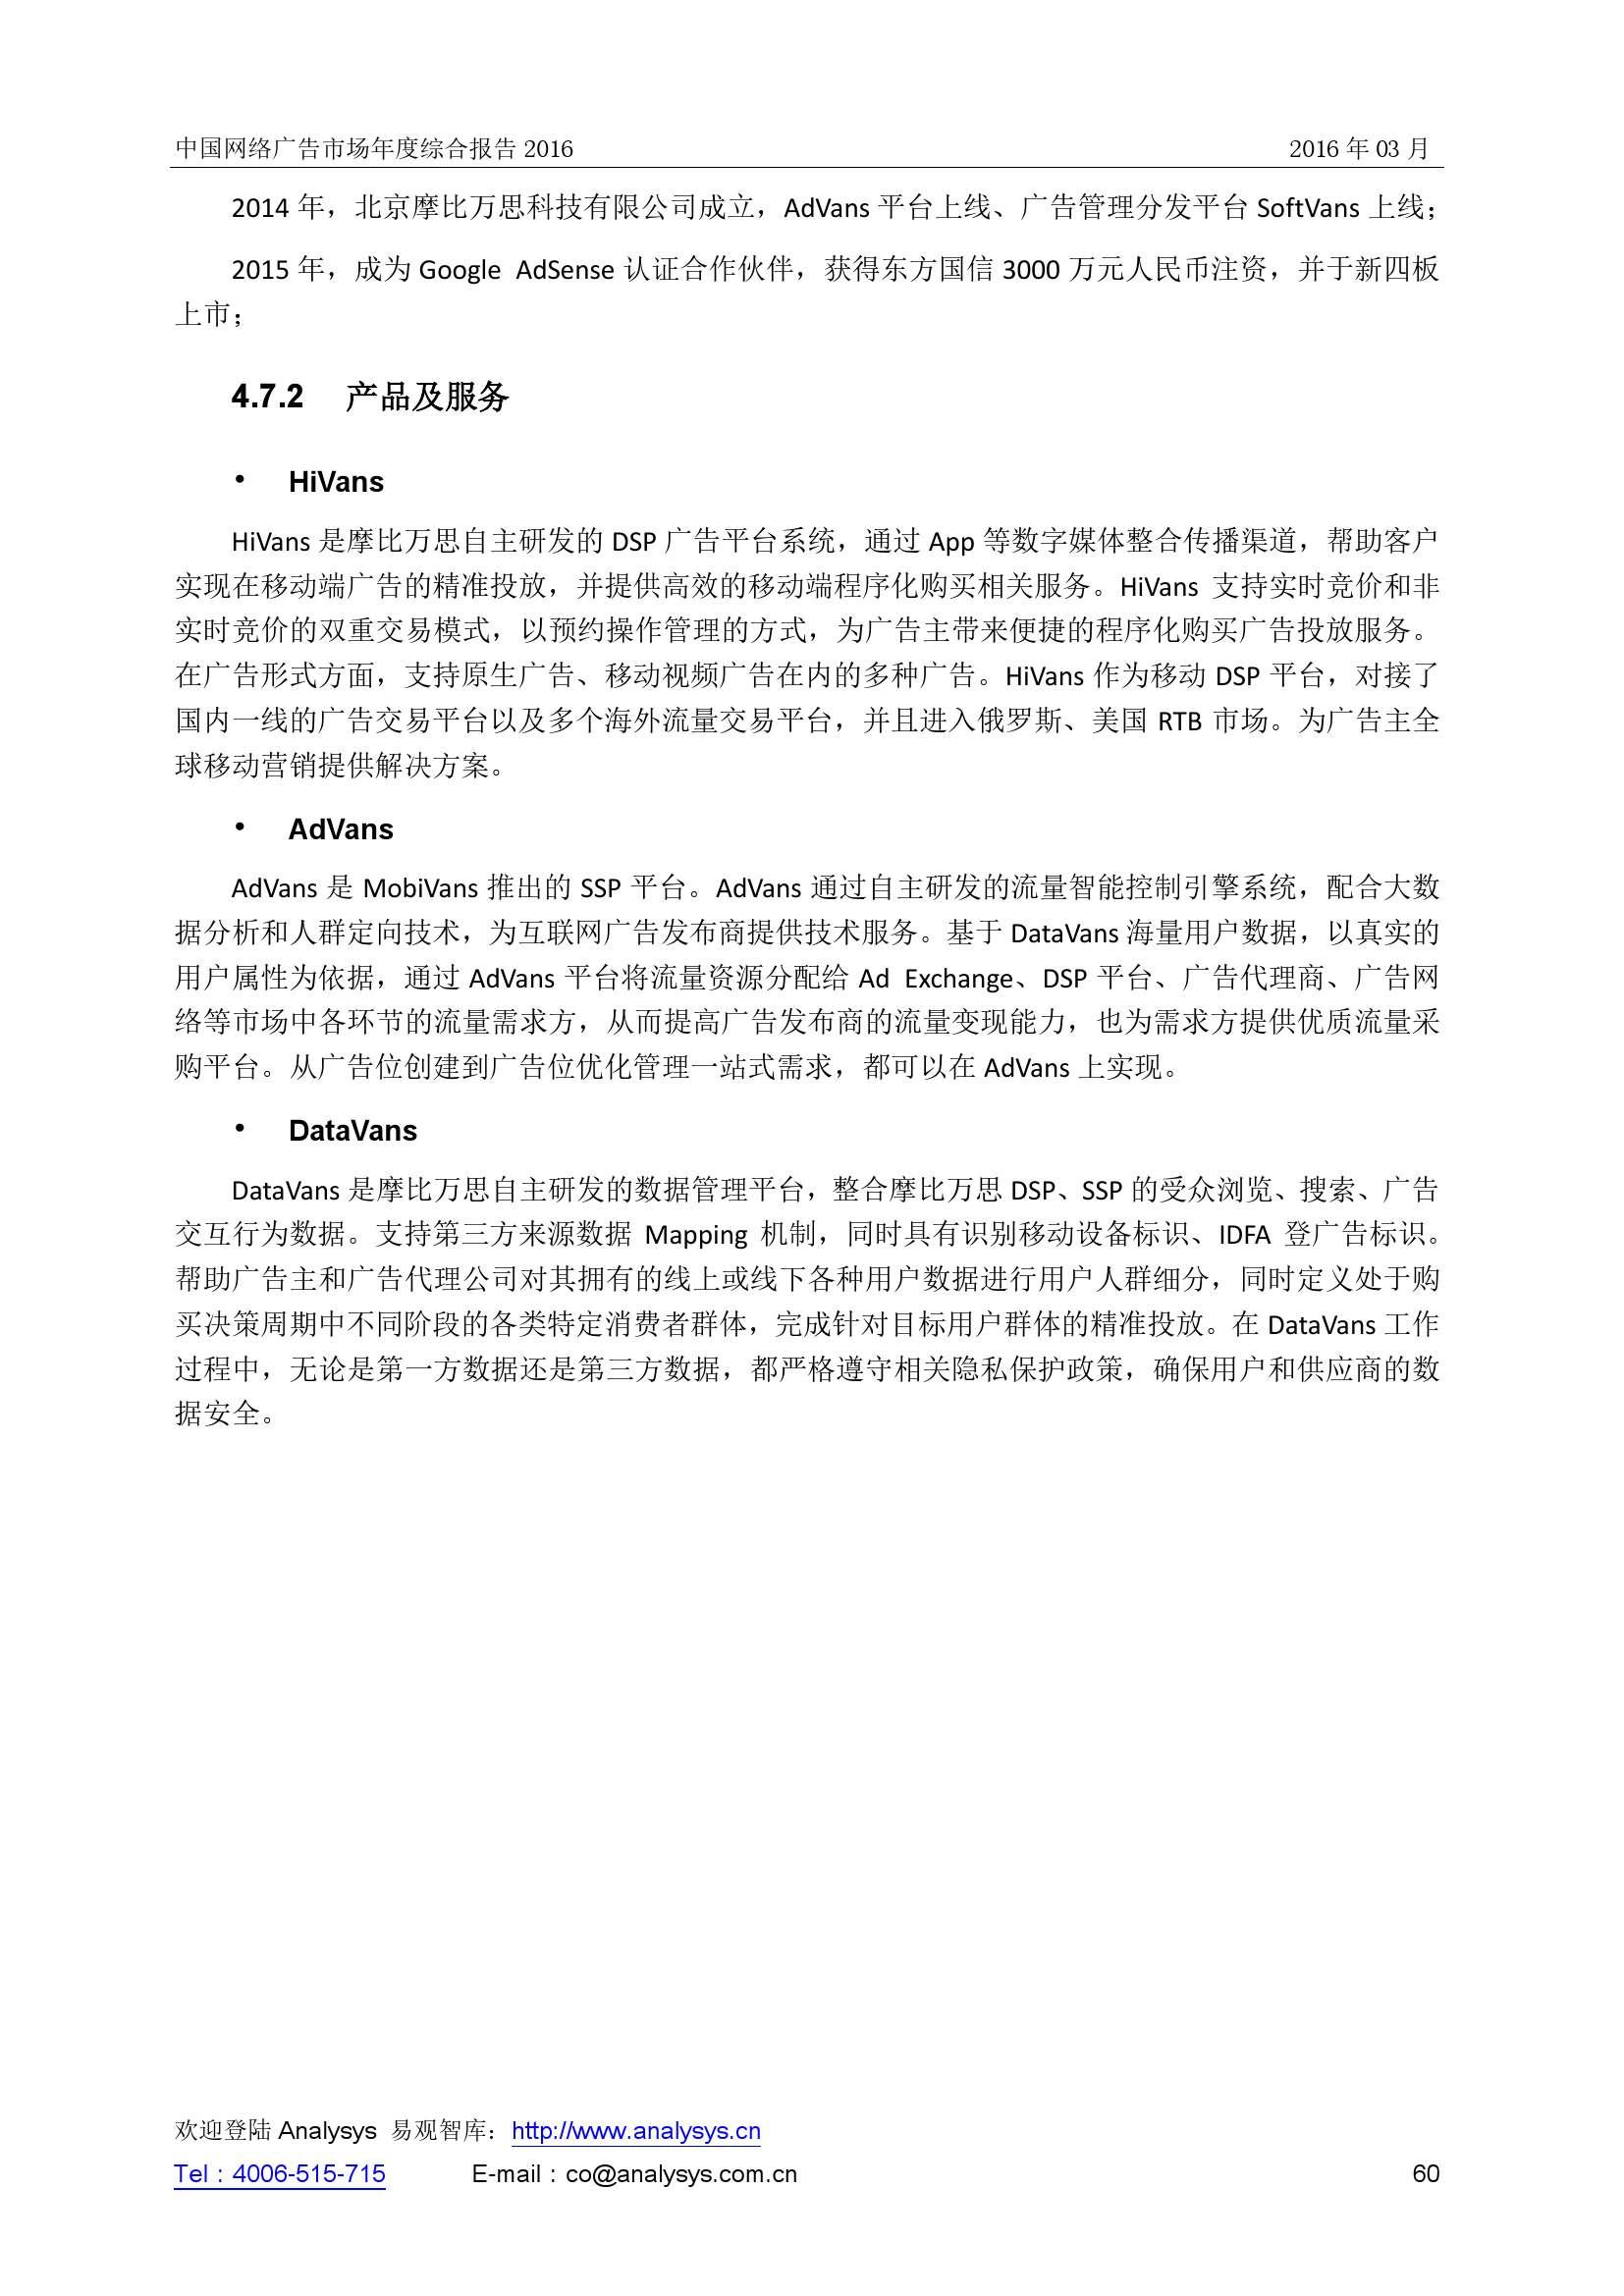 中国网络广告市场年度综合报告2016_000060